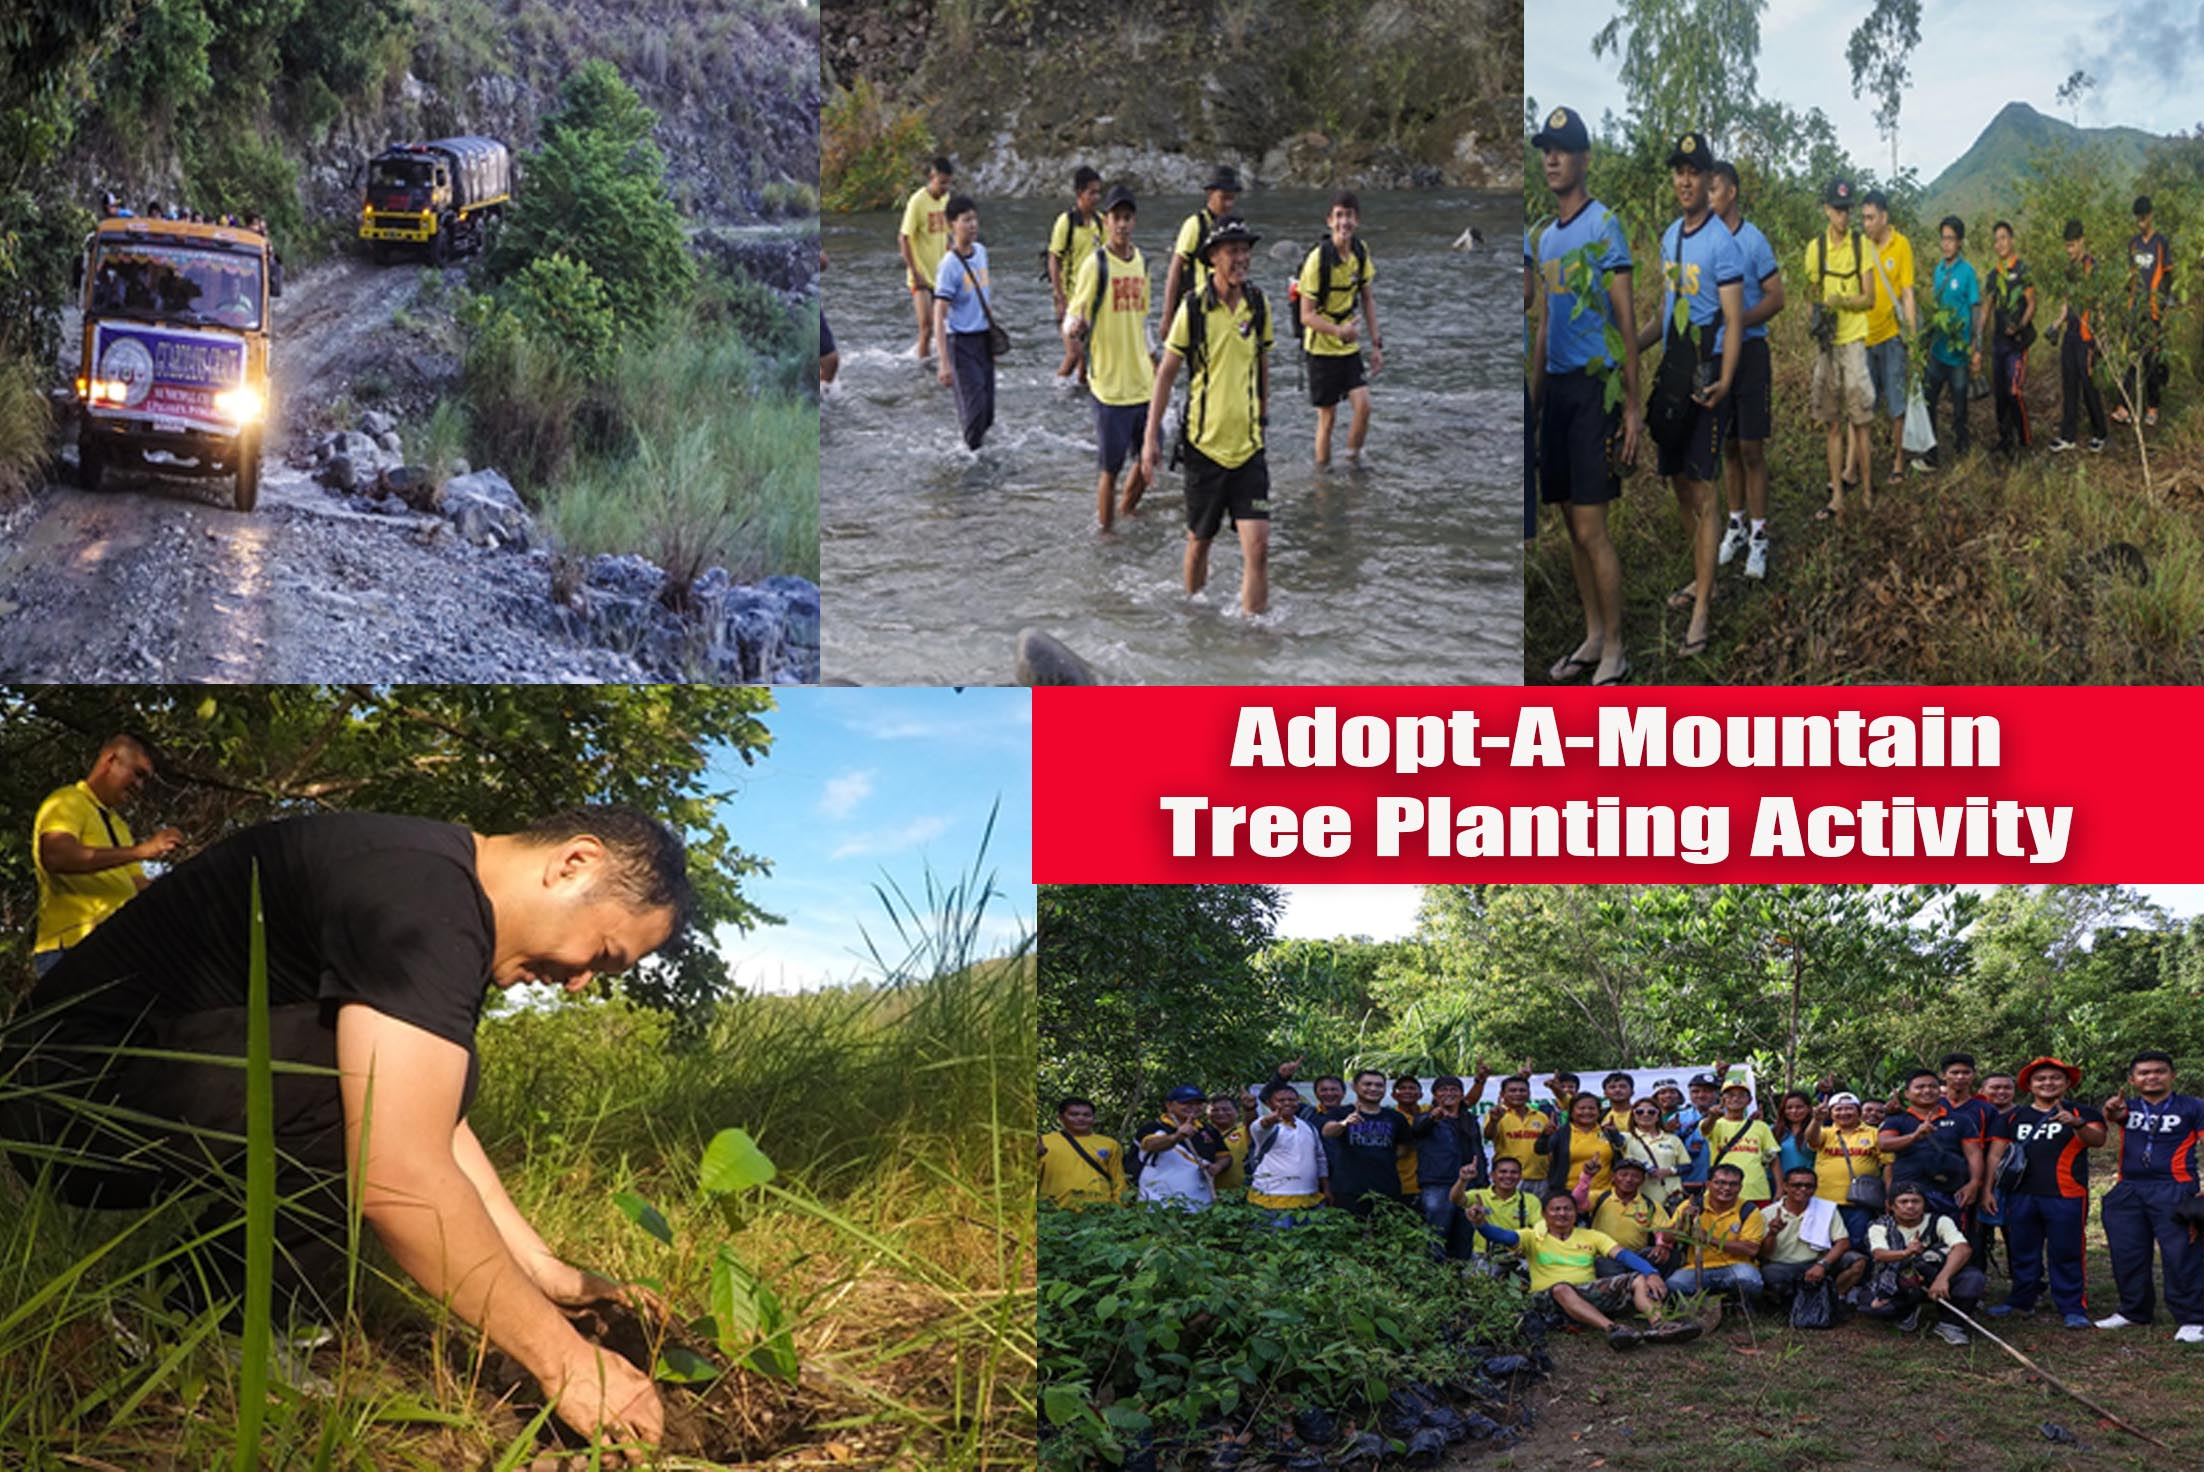 adopt-a-mountain